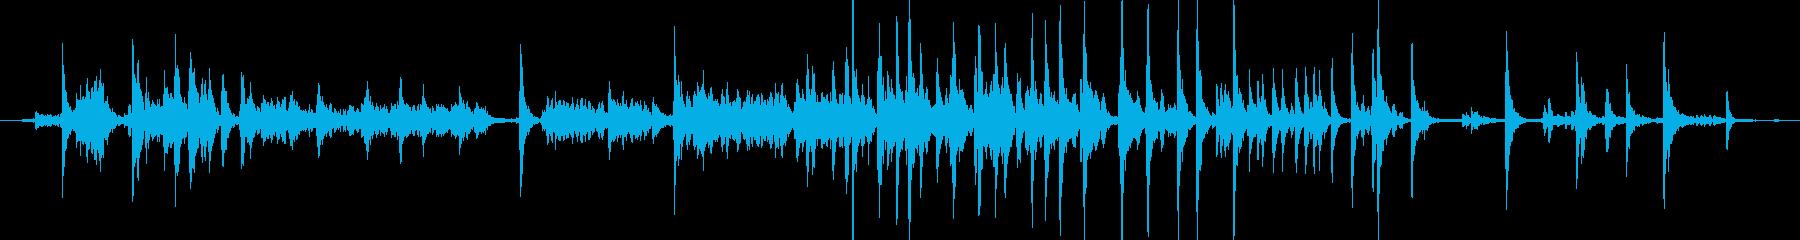 メタル クリークストレスミディアム05の再生済みの波形